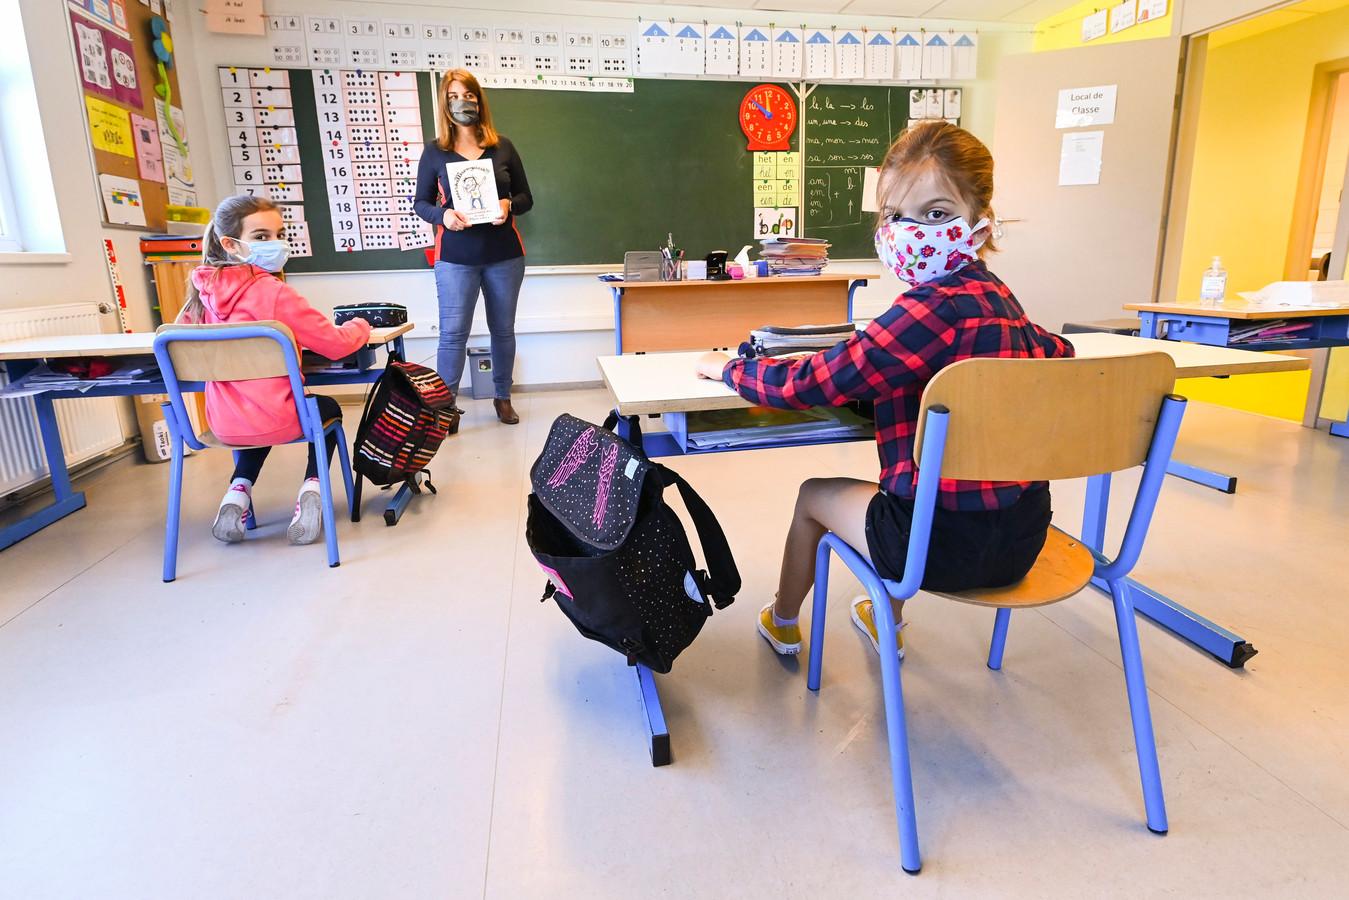 Een mondmasker in de klas: voor het vijfde en zesde studiejaar wordt het verplicht, al zeker tot aan de paasvakantie.